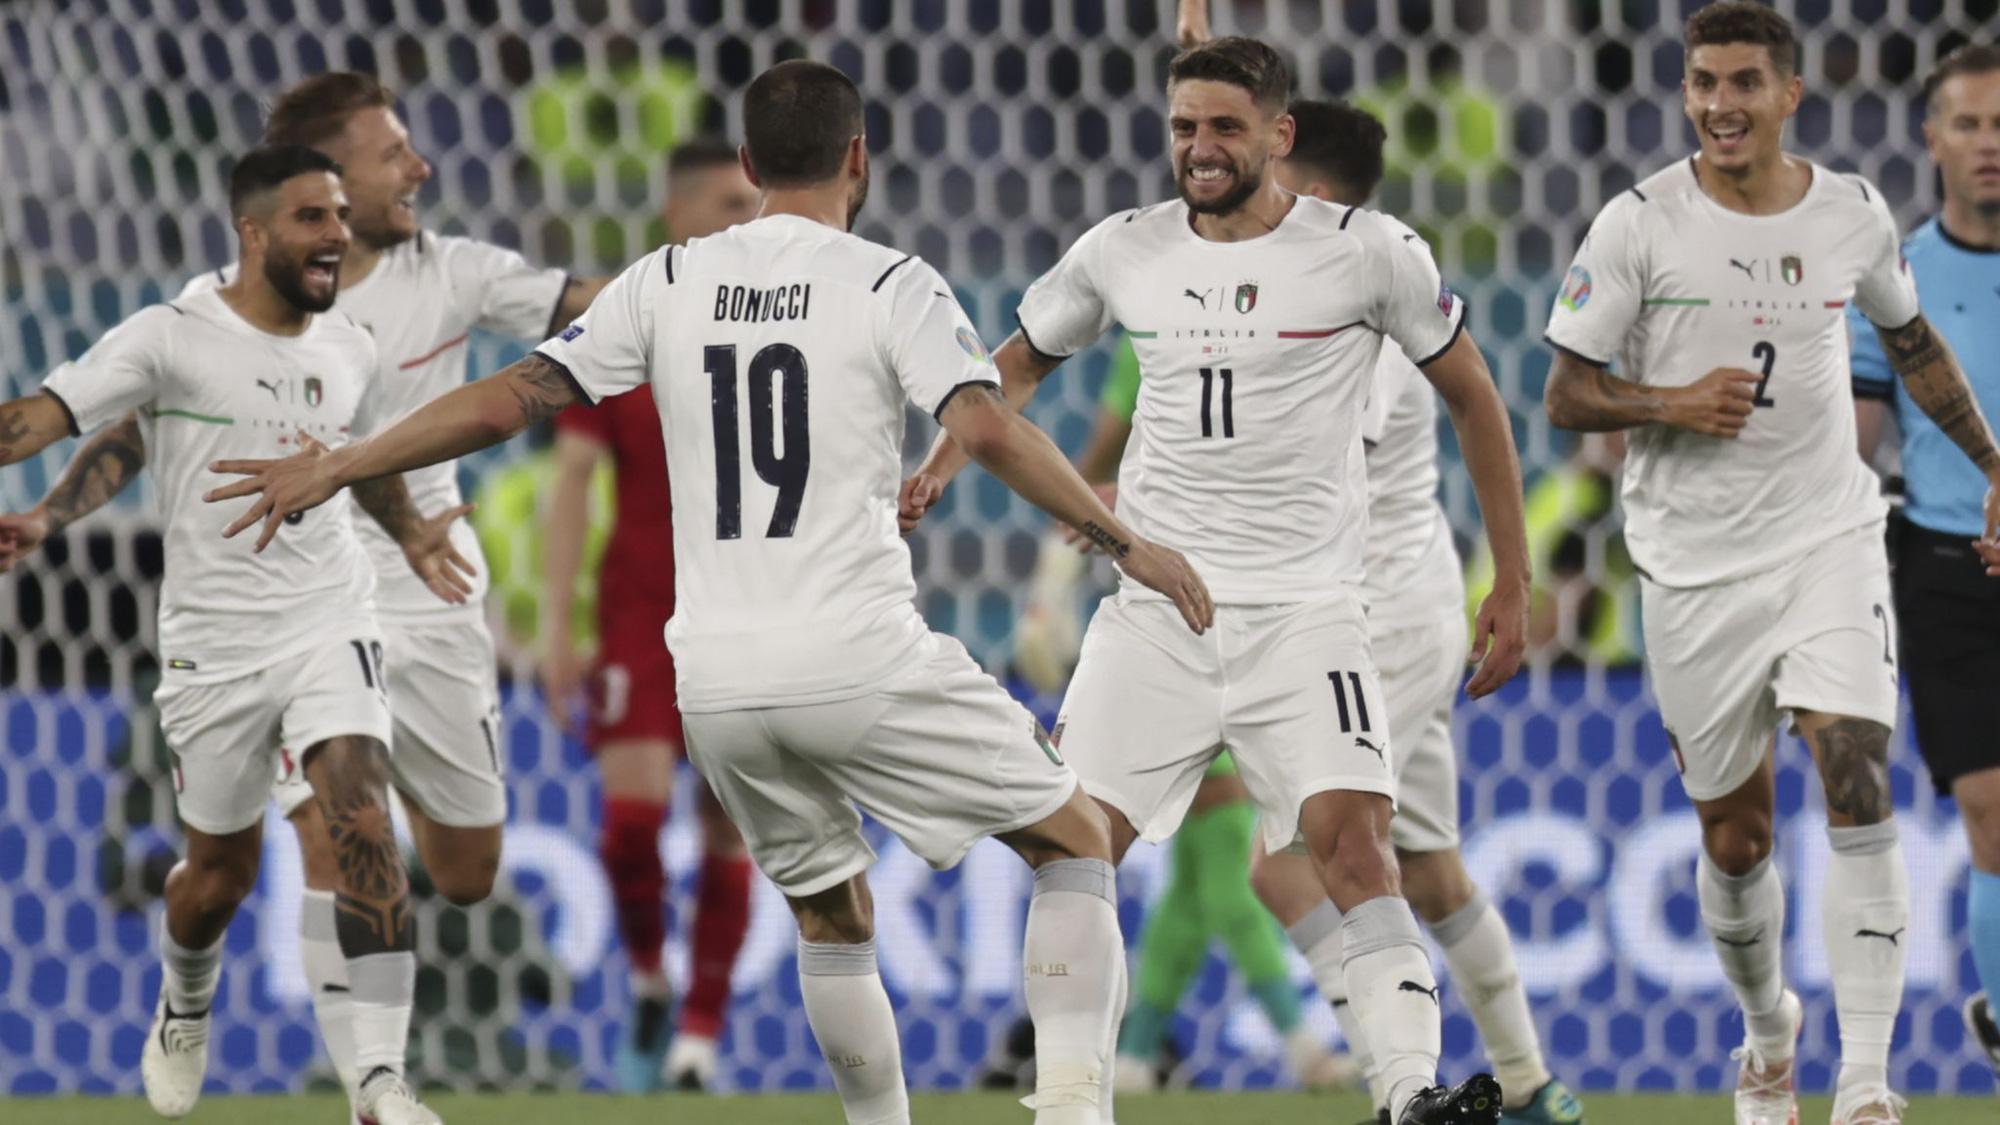 Italia đè bẹp Thổ Nhĩ Kỳ, vì sao HLV Mancini vẫn tỏ ra khiêm tốn? - Ảnh 2.